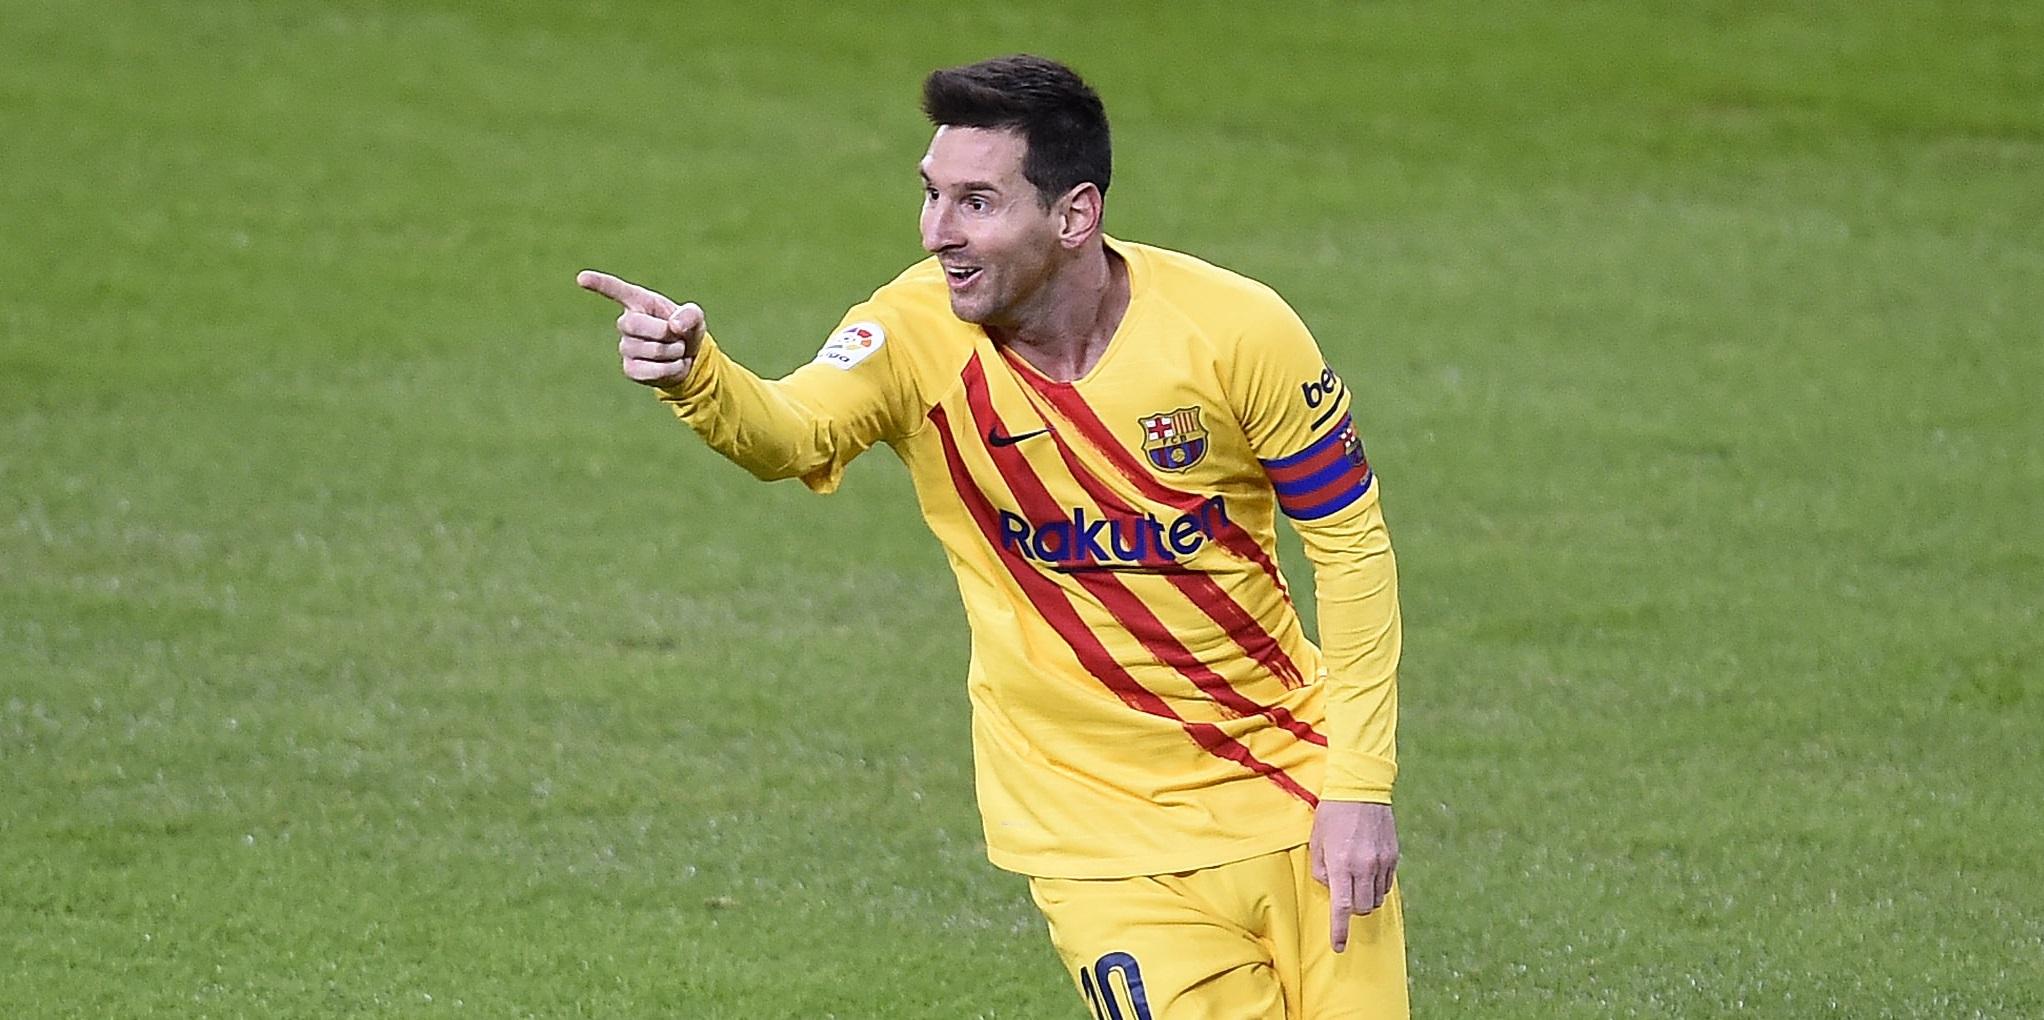 Месси сделал дубль в матче с «Атлетиком» и вышел на первую строчку бомбардиров Ла Лиги